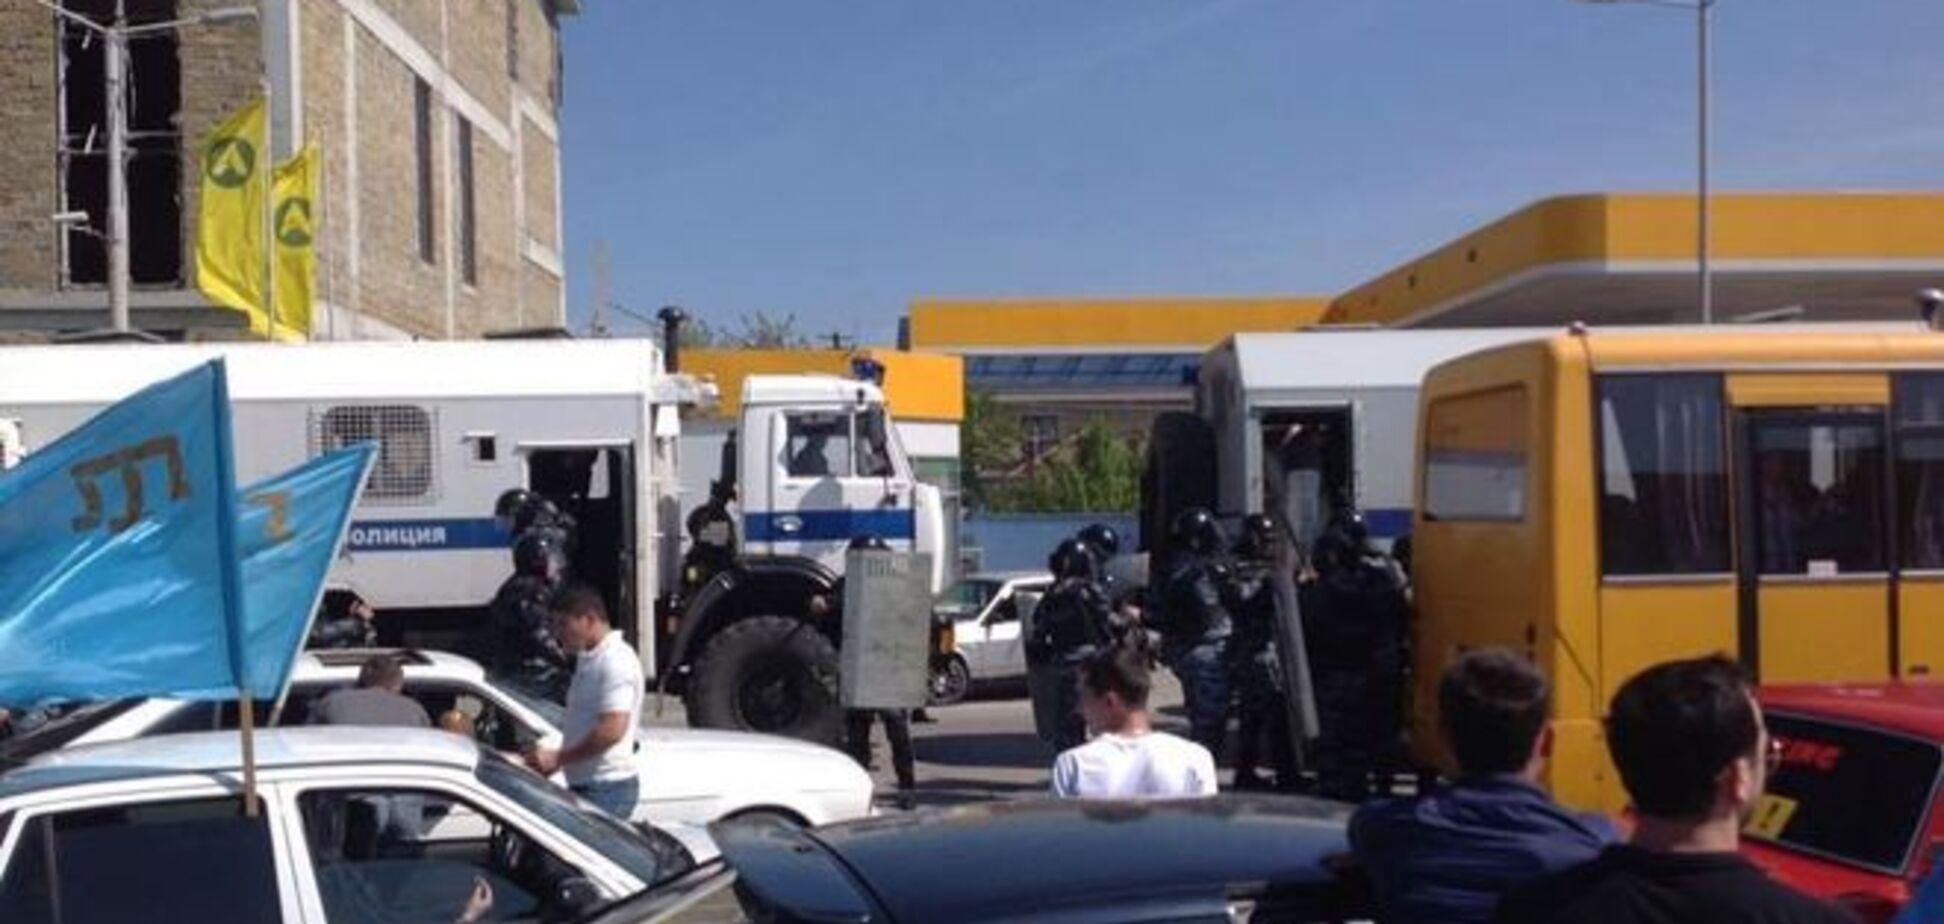 Річниця депортації кримських татар: затримано близько 60 учасників автопробігу